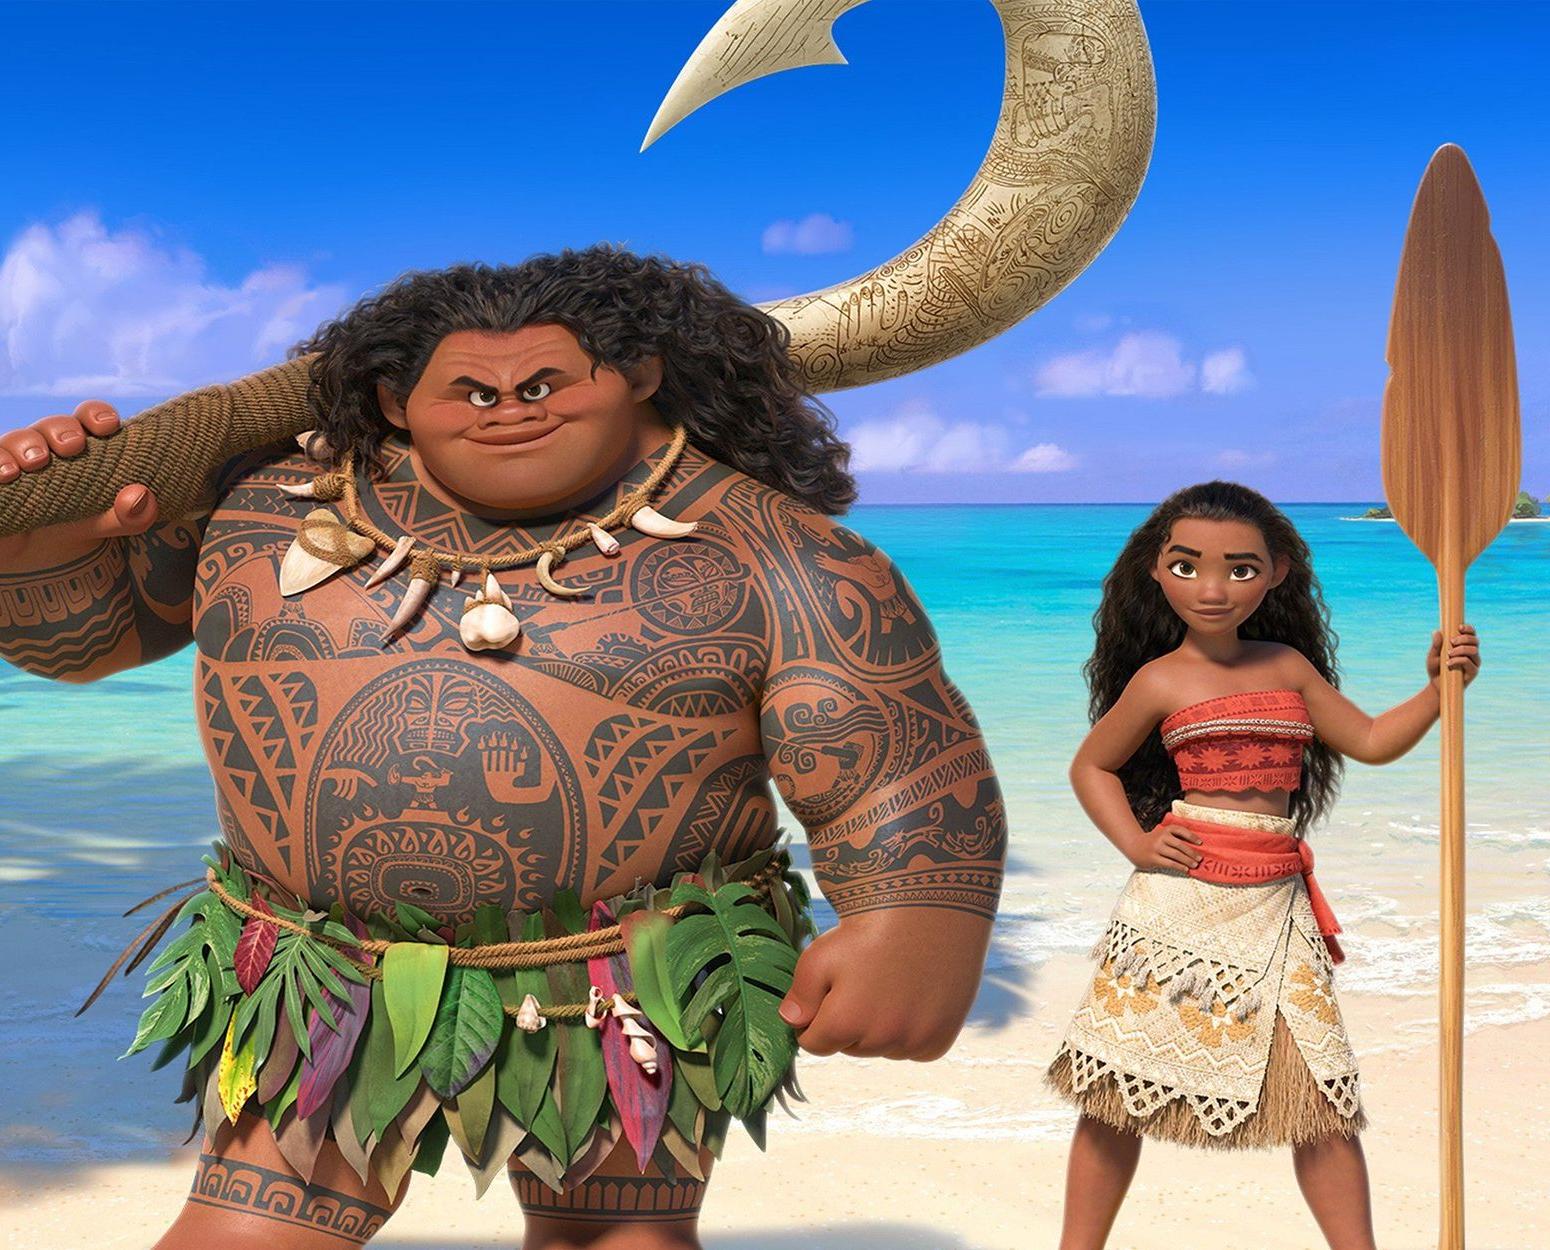 Personajes y elenco de Moana ha sido anunciado